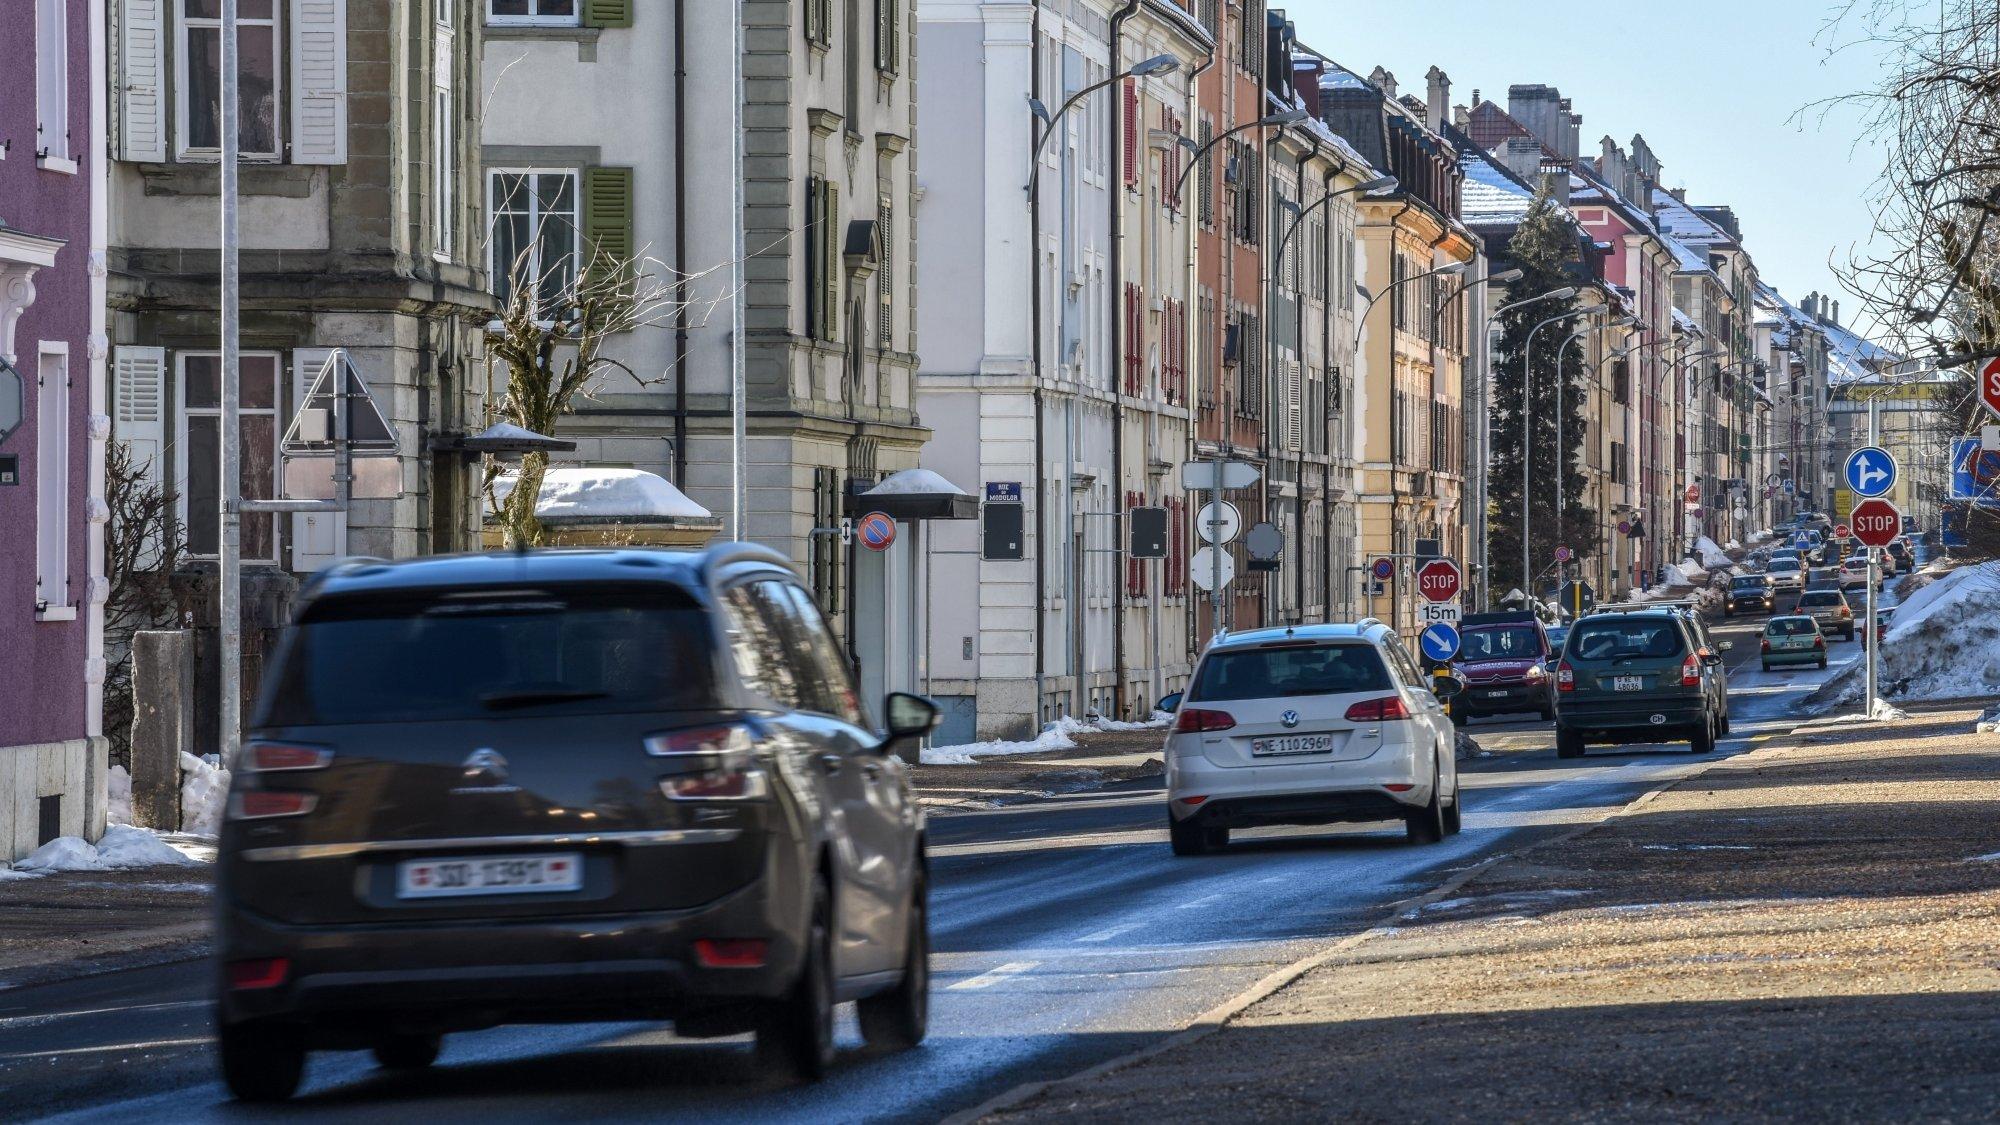 La rue Numa-Droz, à La Chaux-de-Fonds, subirait une hausse du trafic si une route de contournement venait à se réaliser.